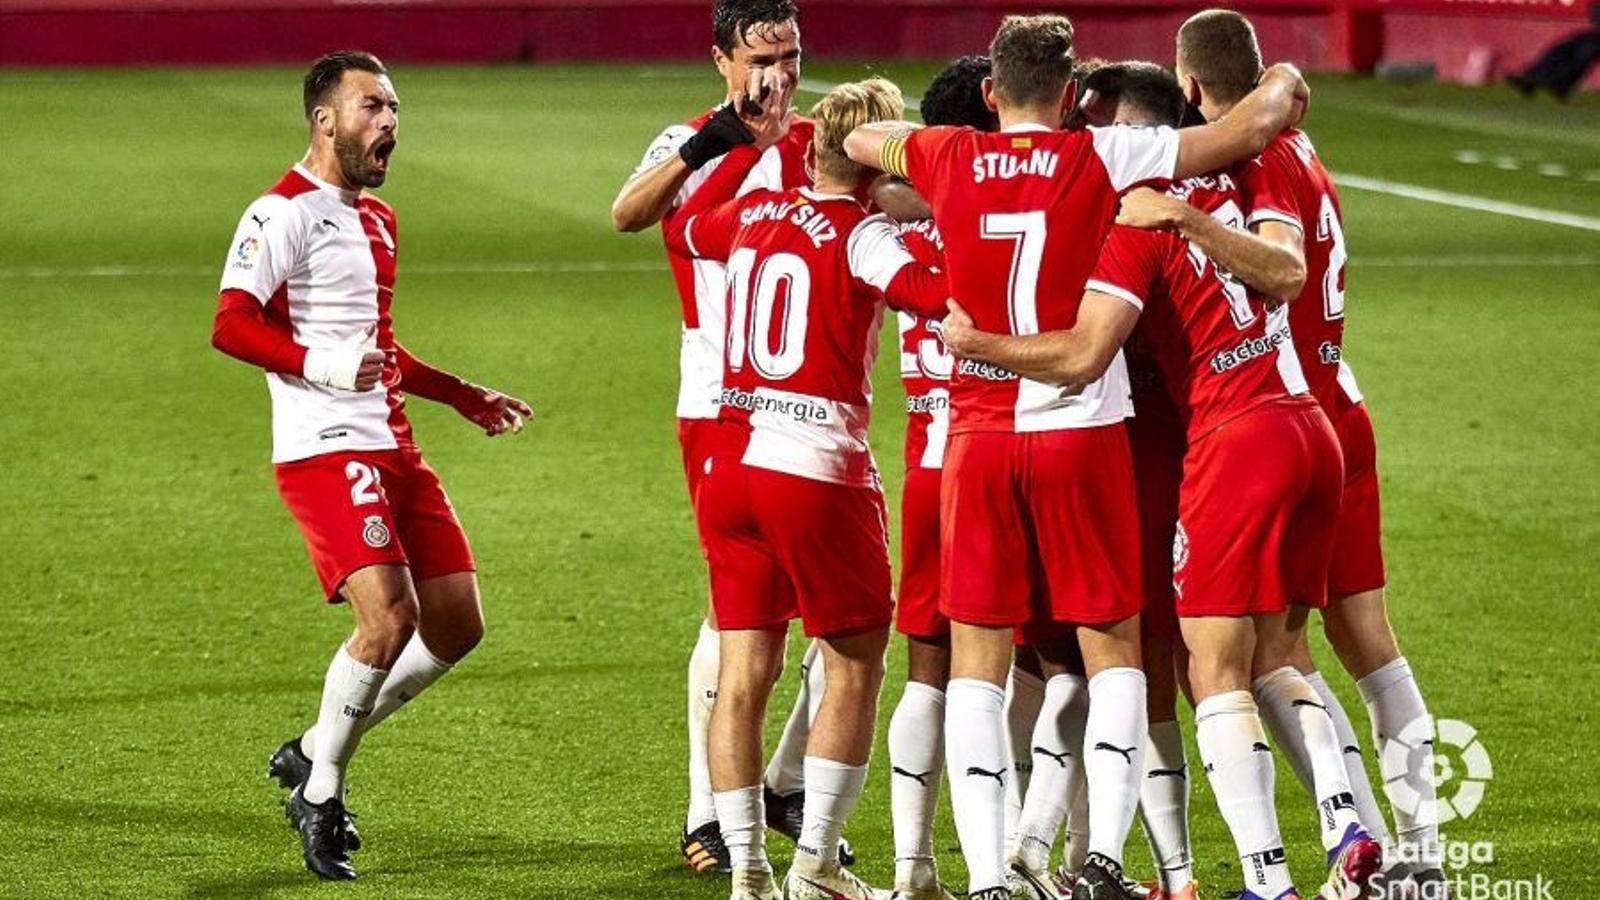 Els jugadors del Girona, celebrant el gol de la victòria